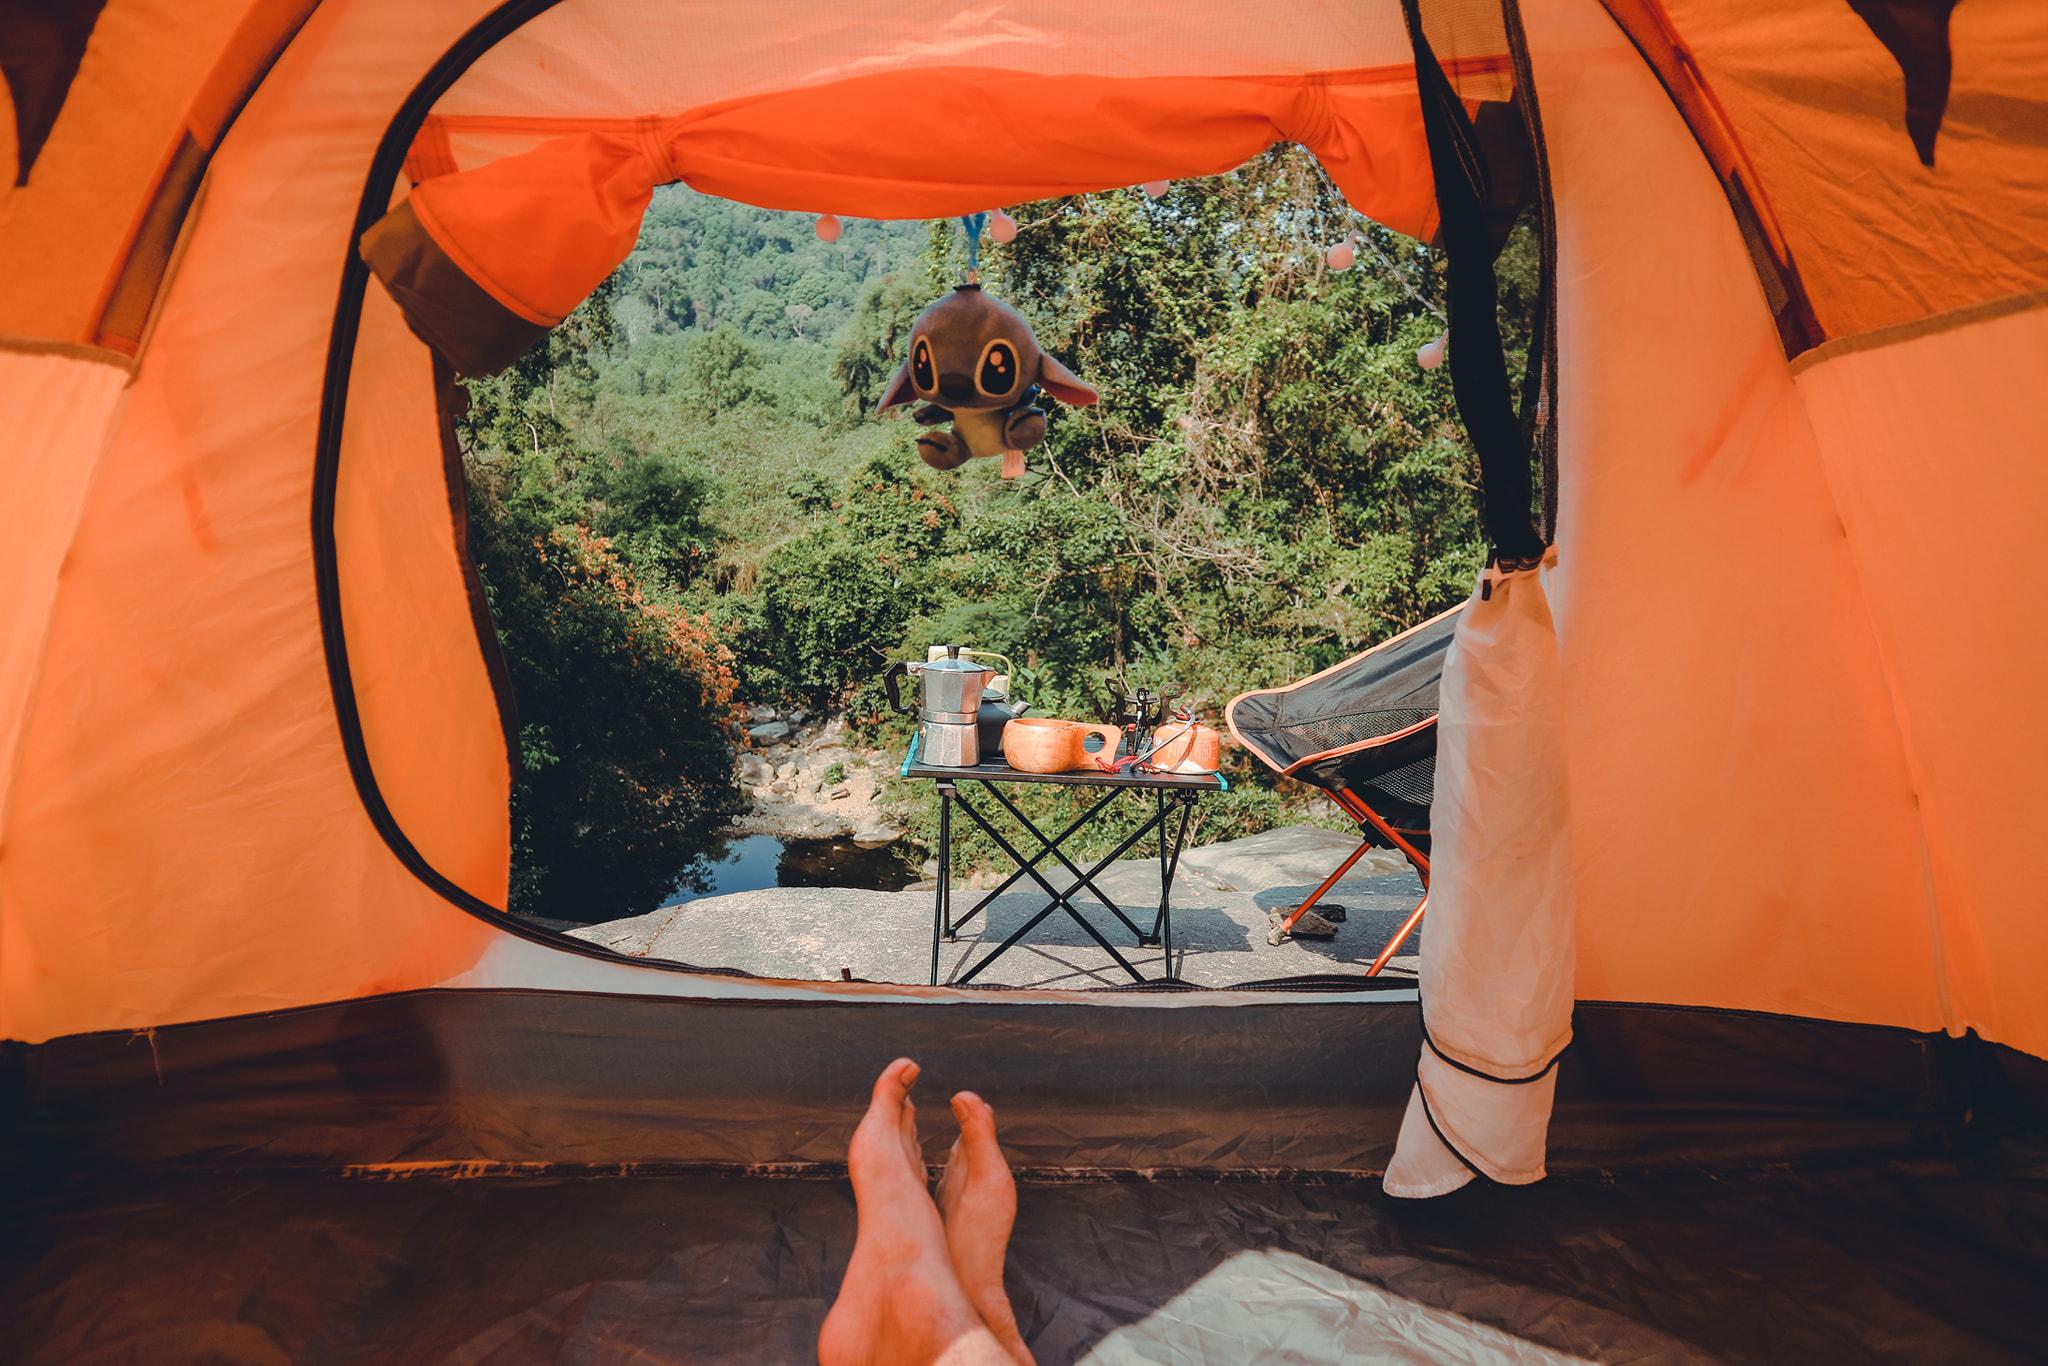 Muốn đi cắm trại từ núi non đến ven biển trong phạm vi 300km, chẳng thể bỏ lỡ những địa danh vô cùng đẹp, các camper nên chinh phục 1 lần - Ảnh 17.